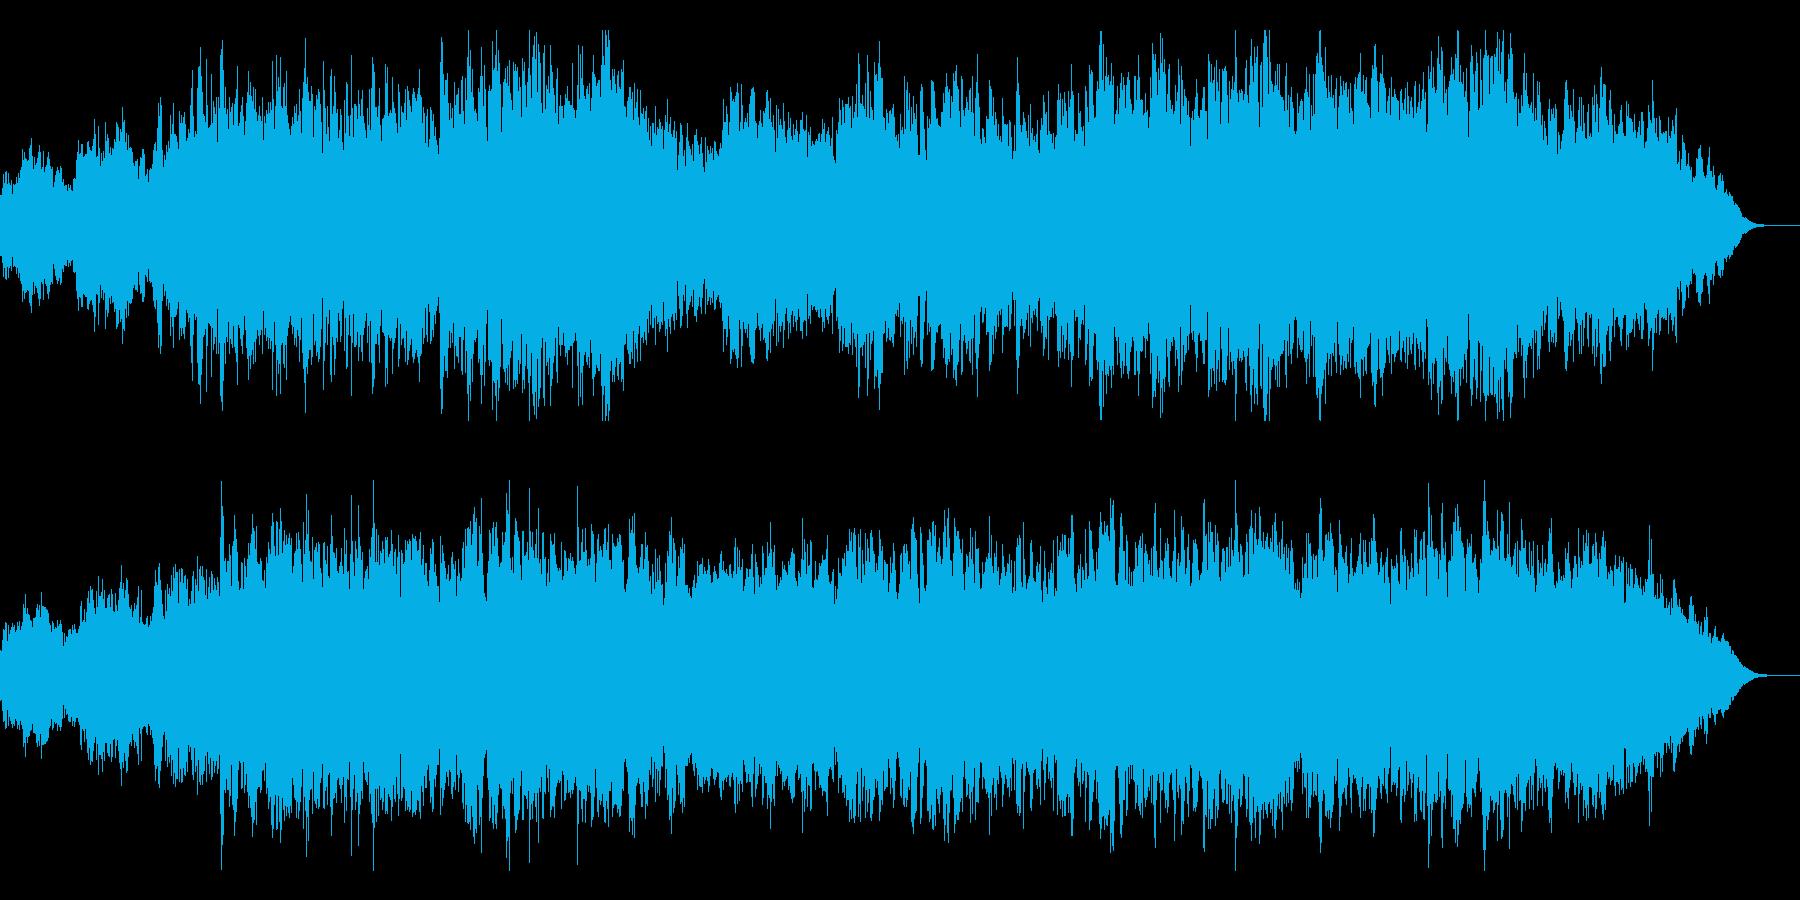 力強くて感動的なメロディーの再生済みの波形